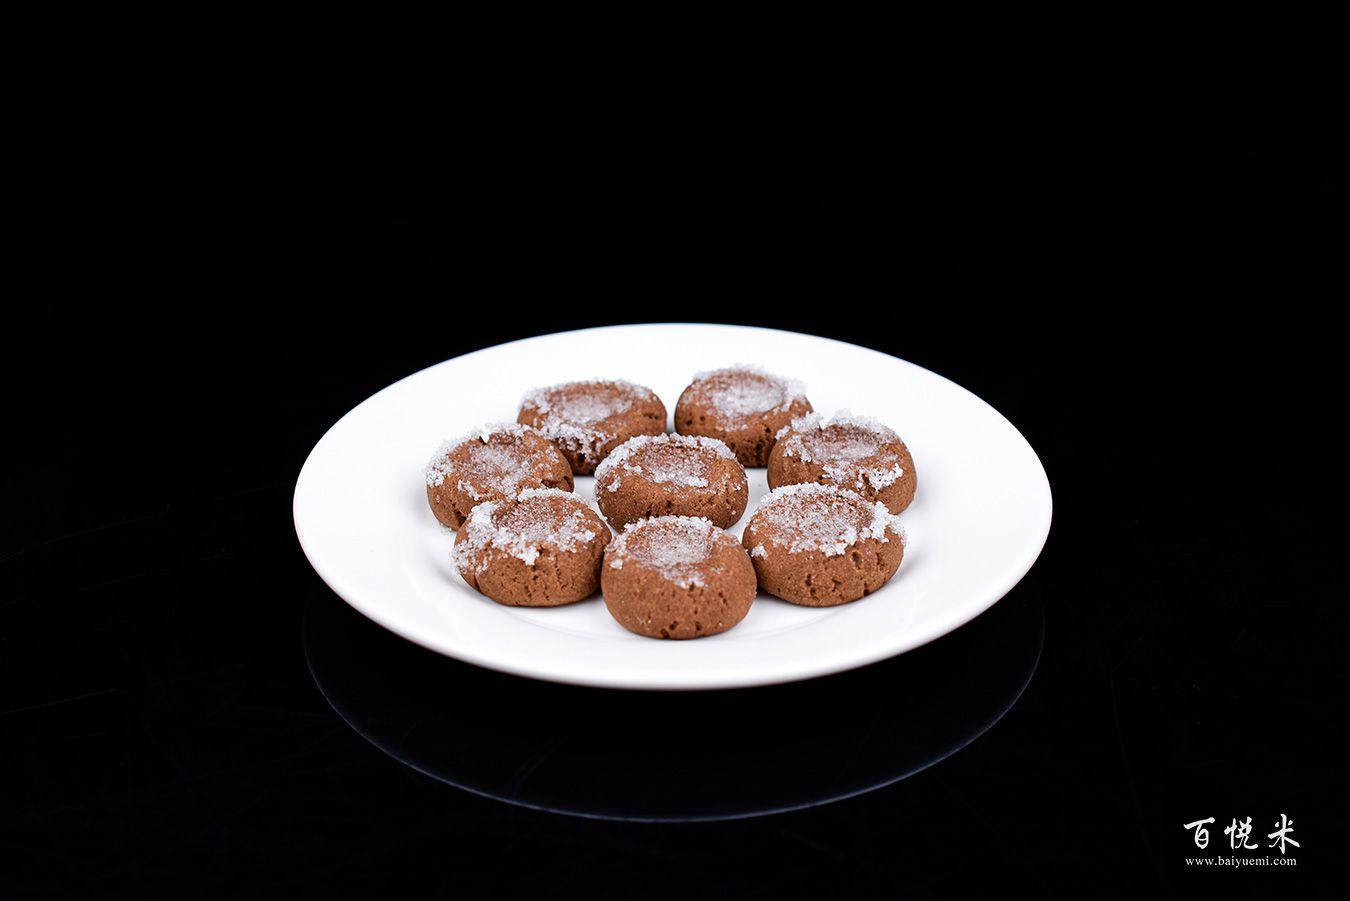 巧克力饼干高清图片大全【蛋糕图片】_552